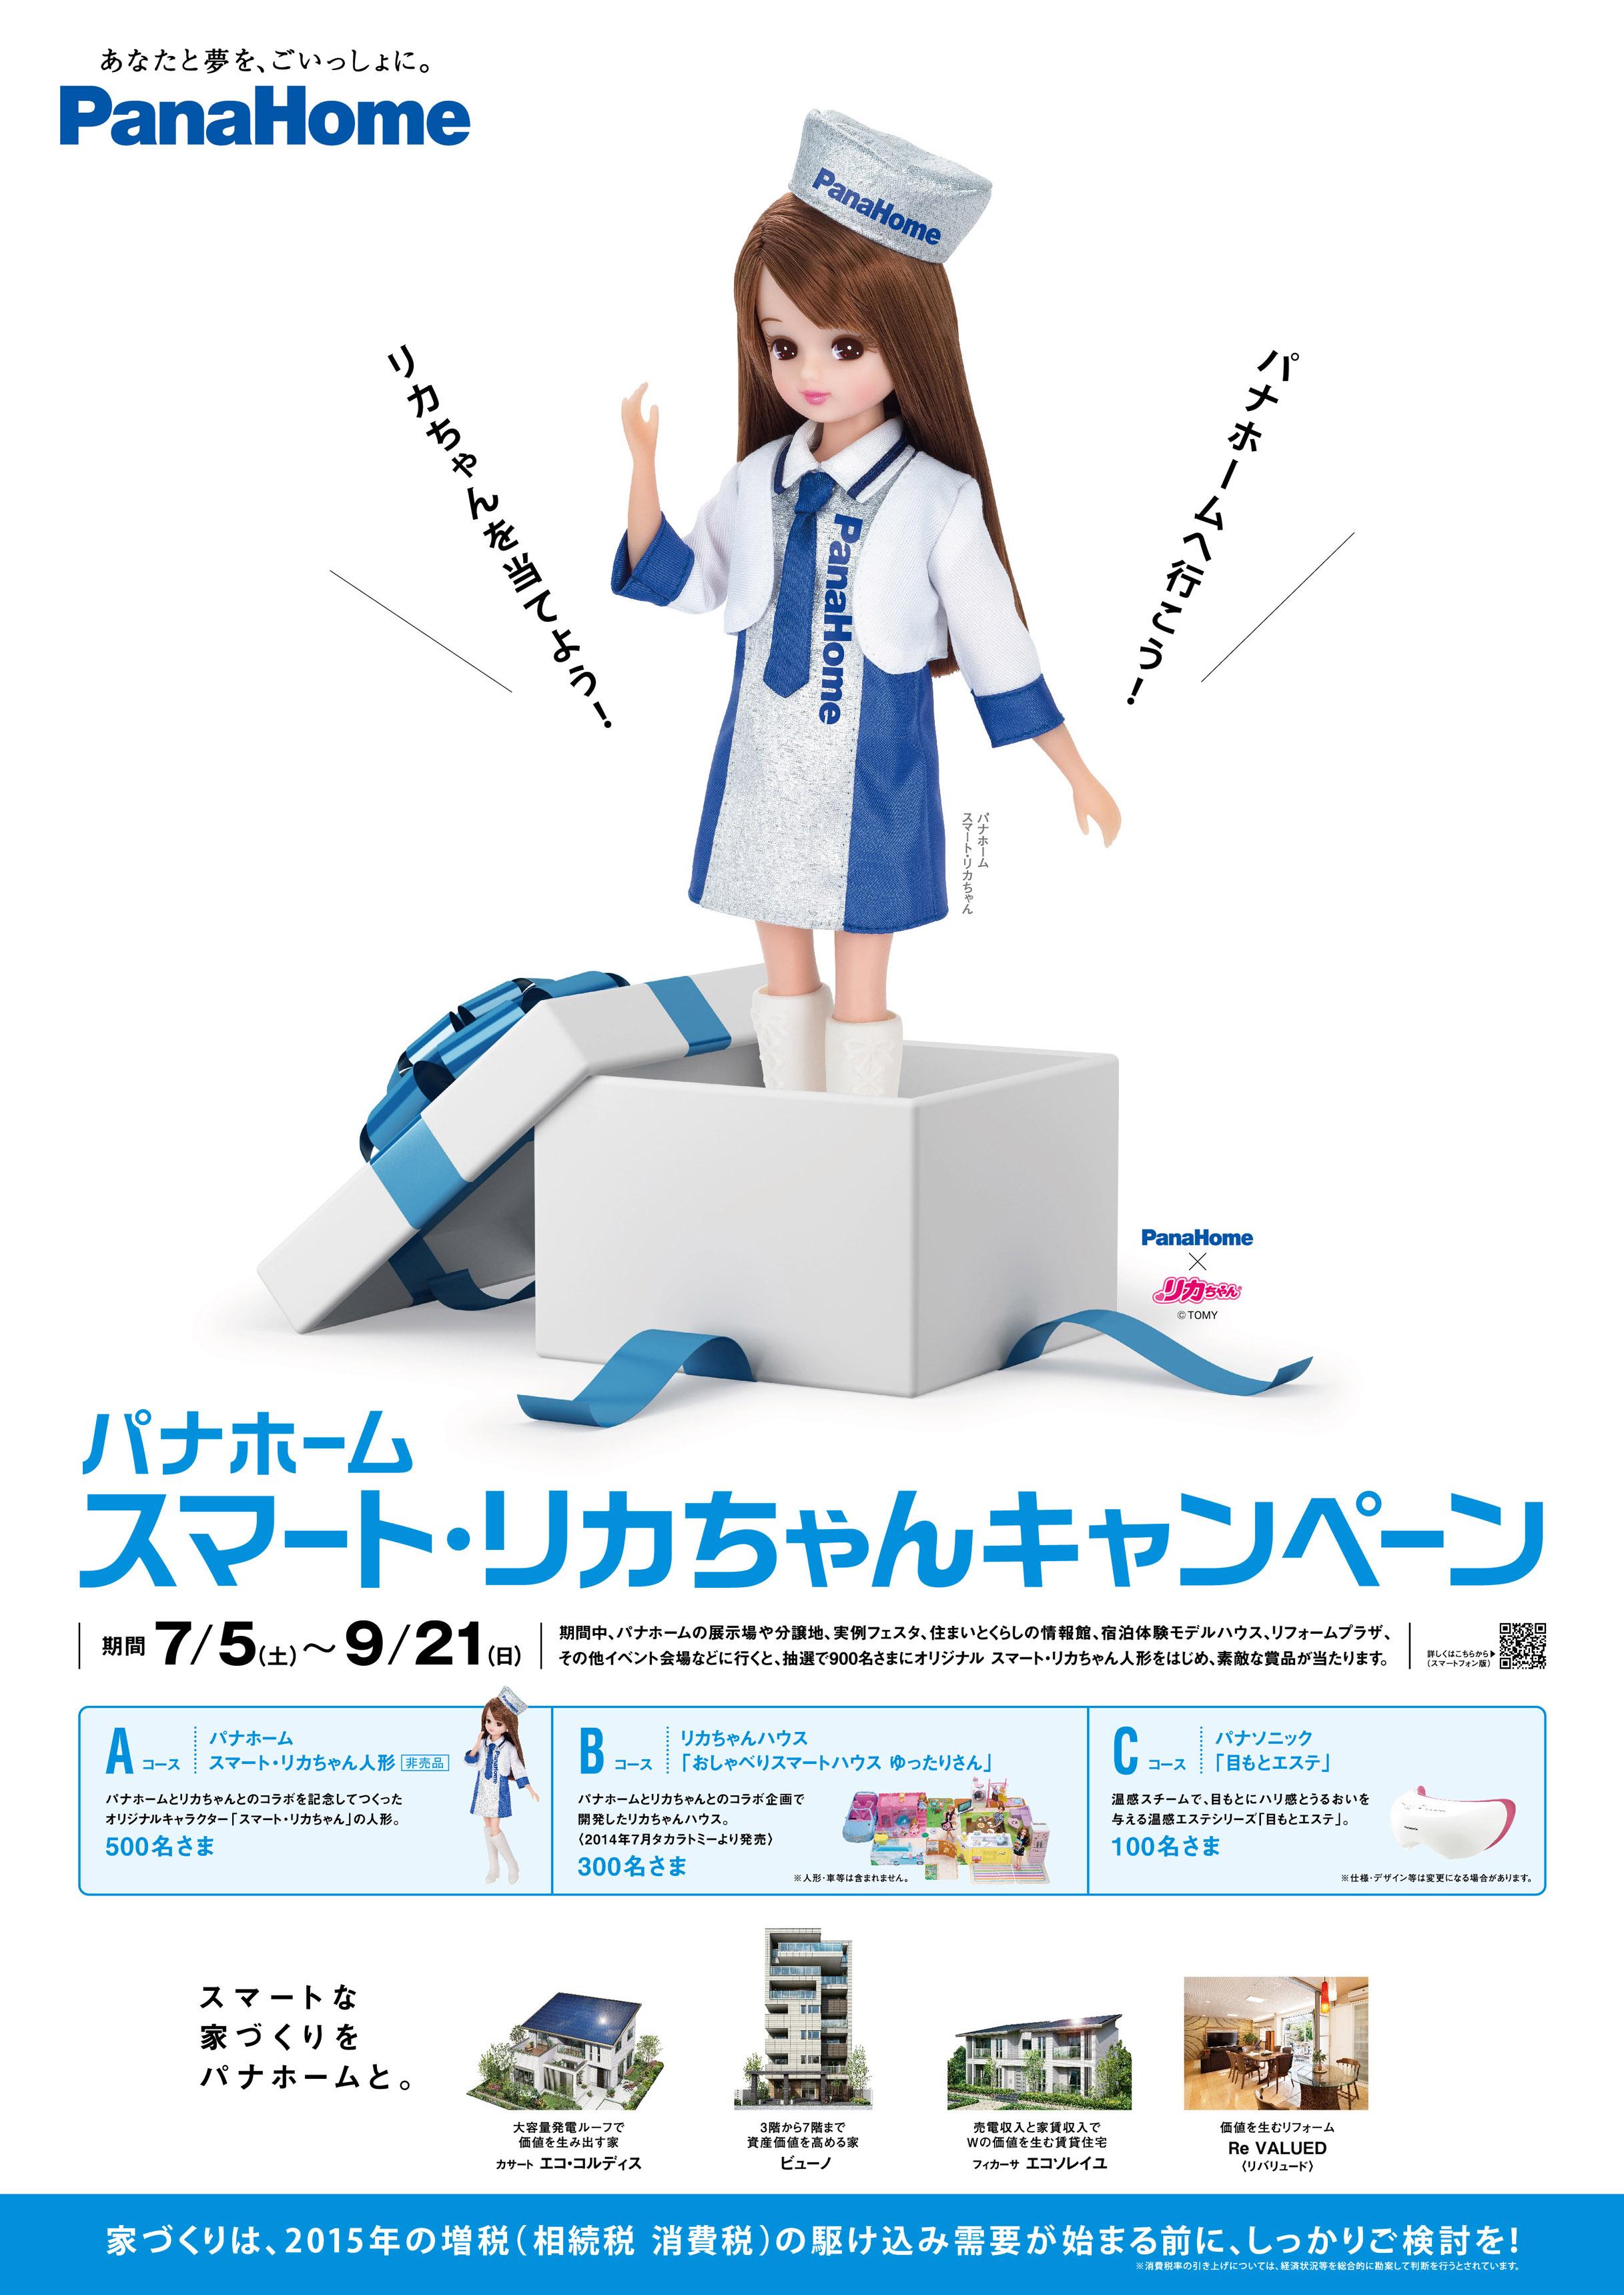 パナホーム スマート・リカちゃんキャンペーン